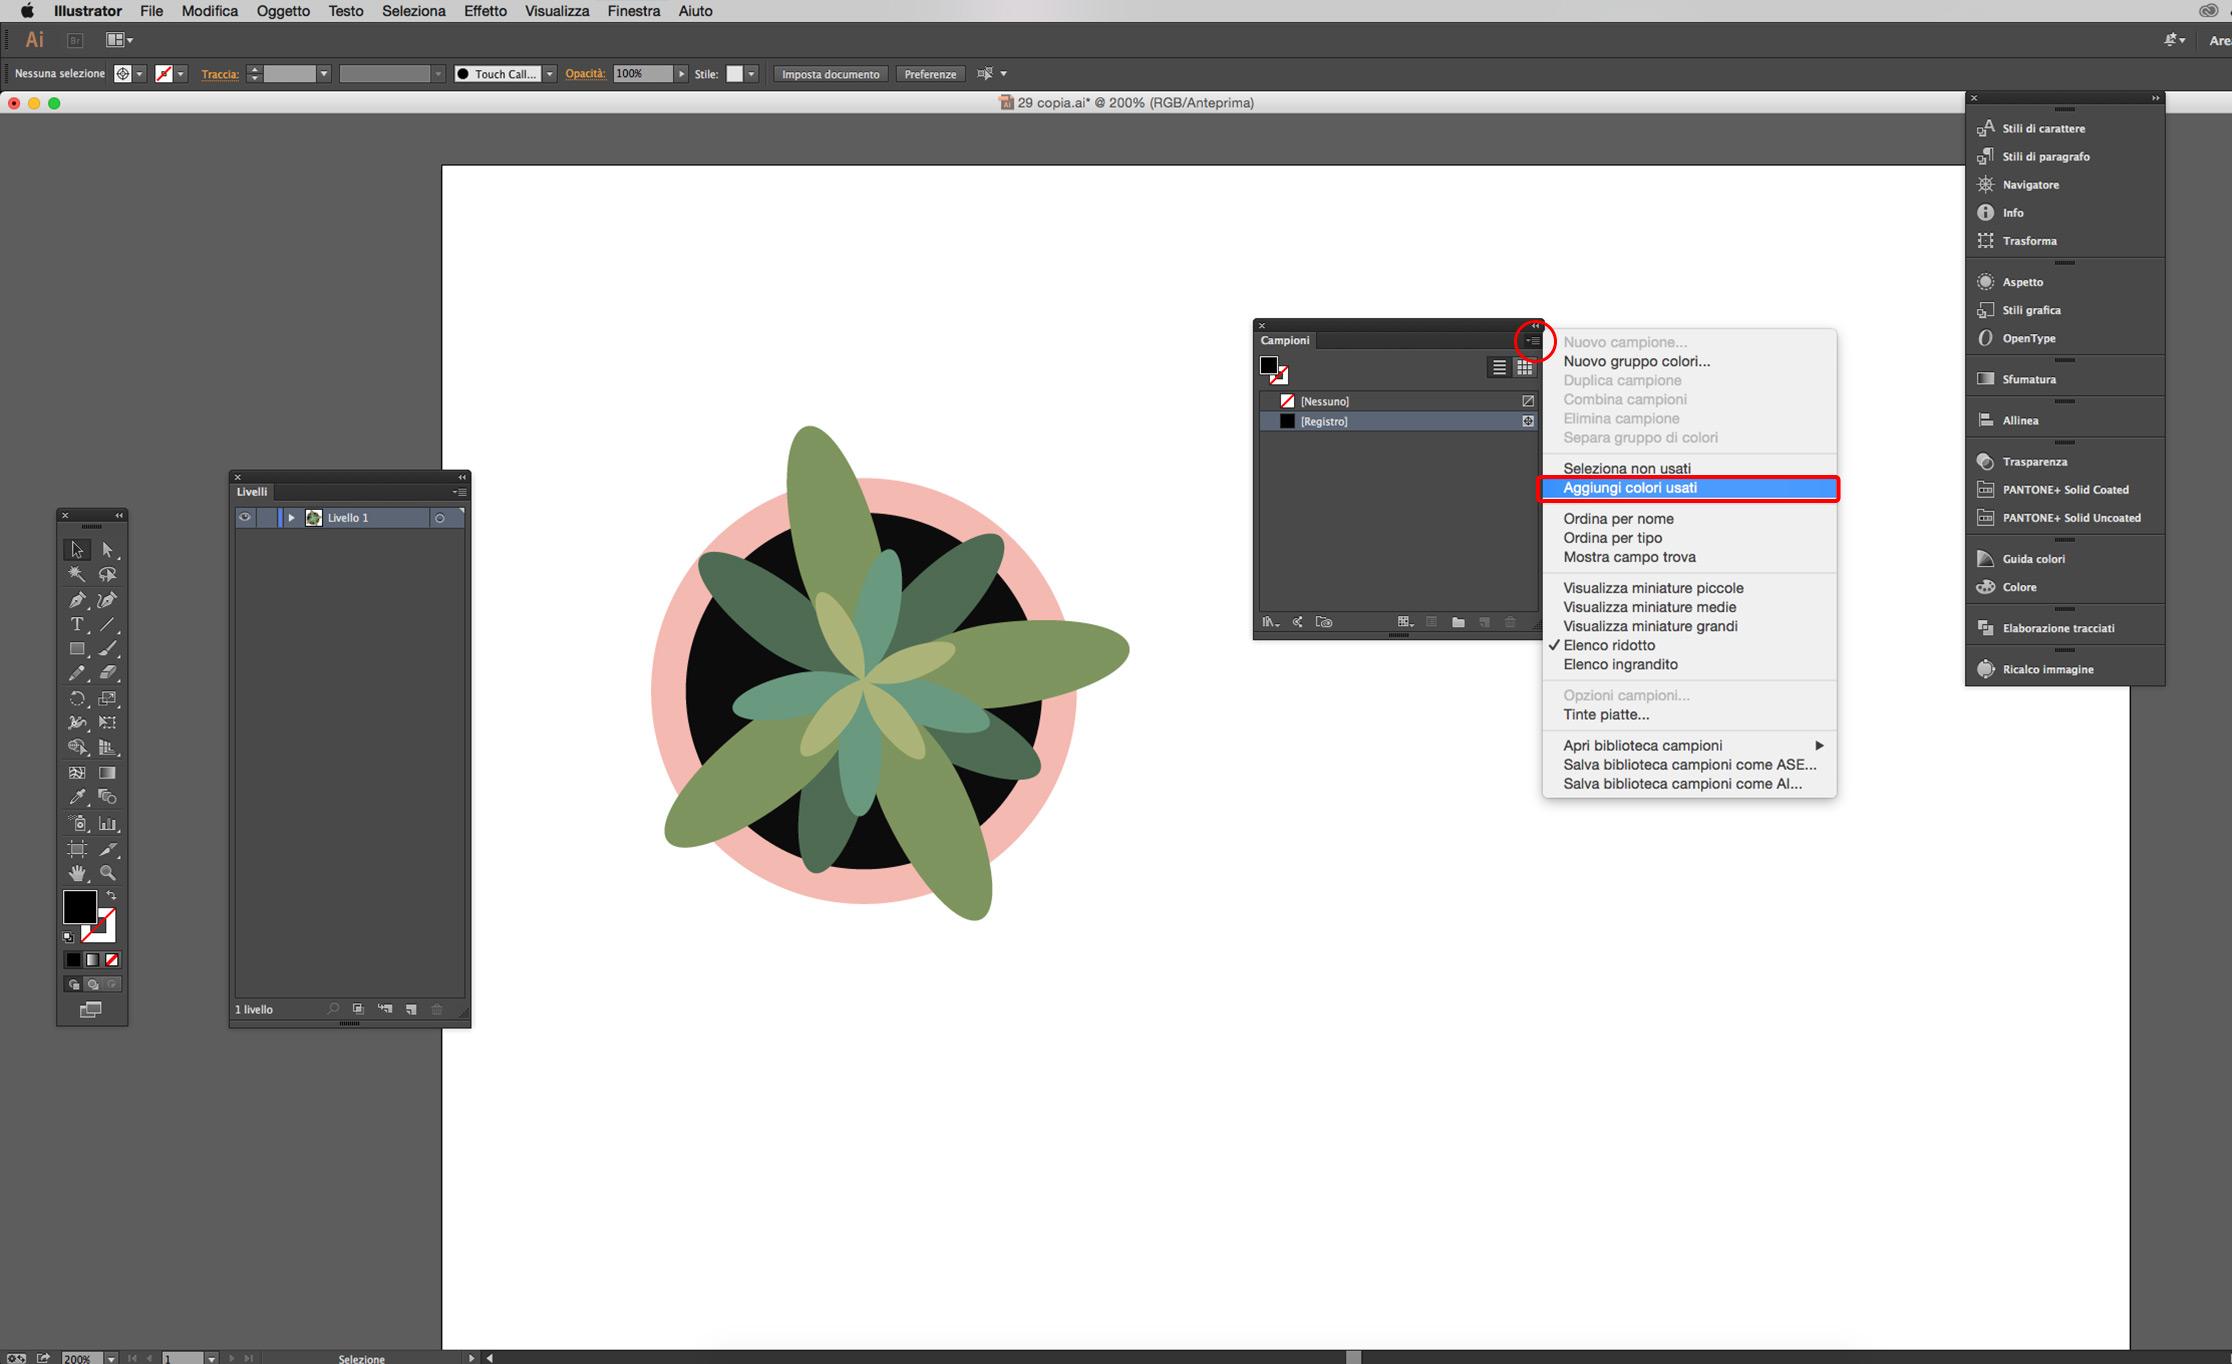 illustrator cc salvare campioni di colore grafica html it  doc 11 campioni gratuiti.php #4